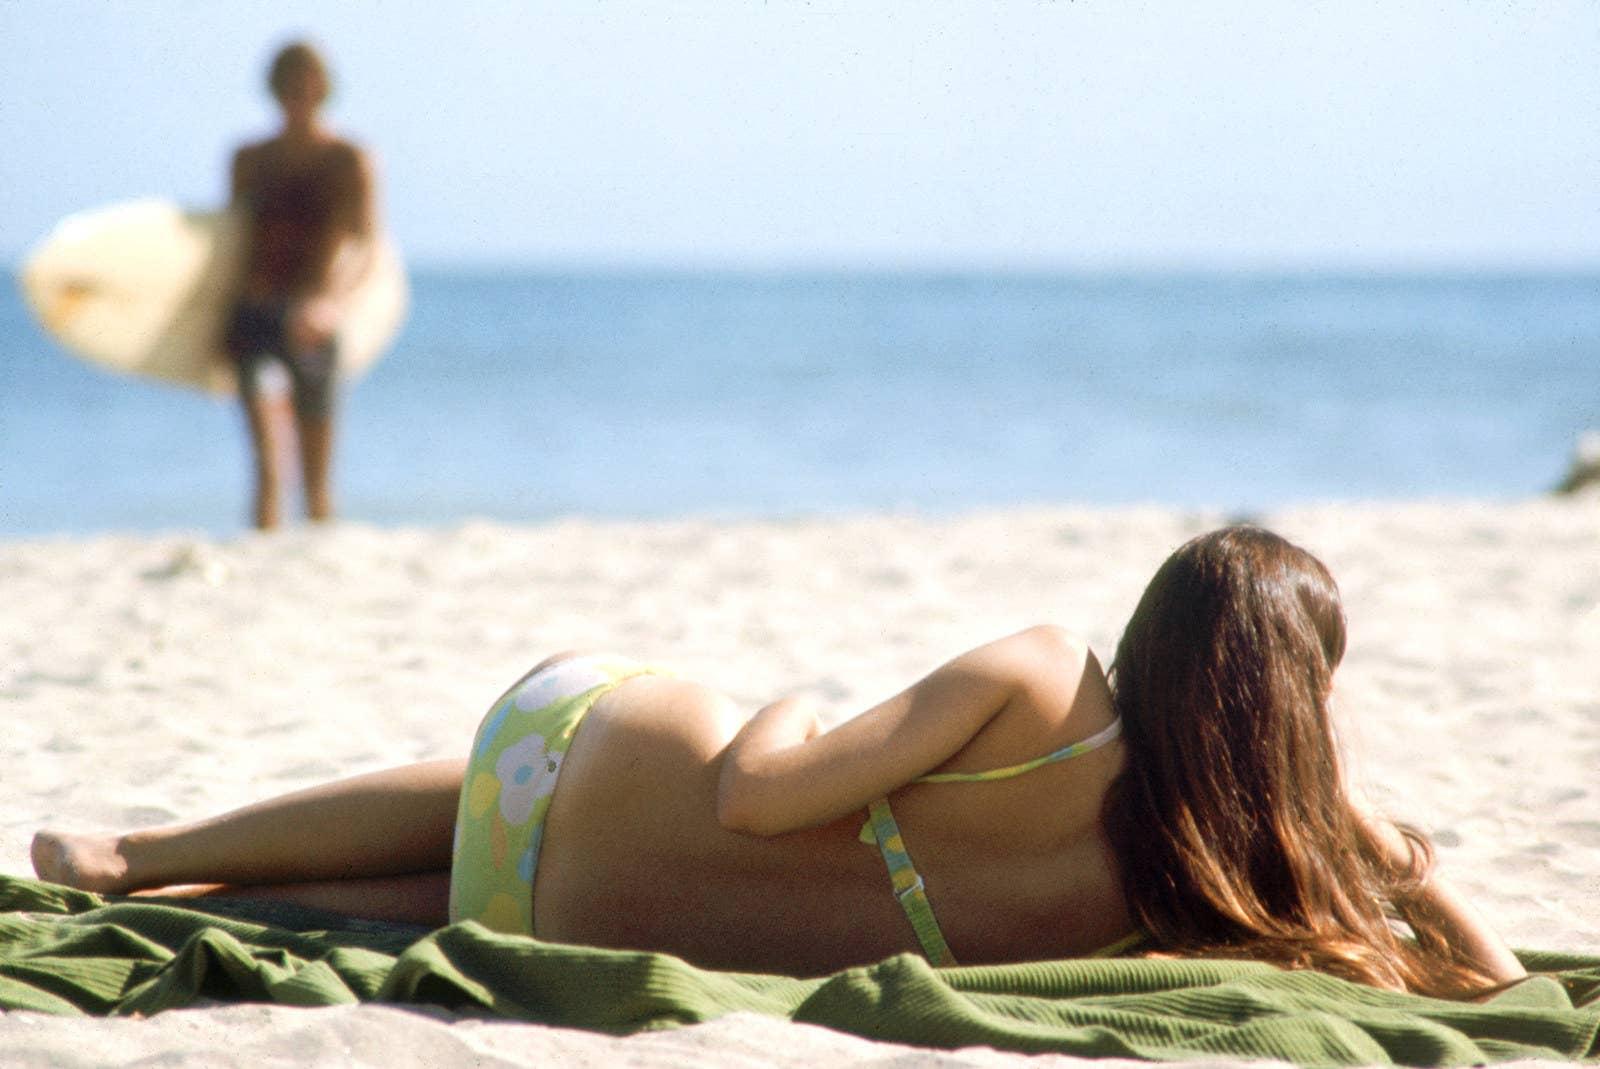 A beachgoer soaks up the sun in Malibu, 1970.